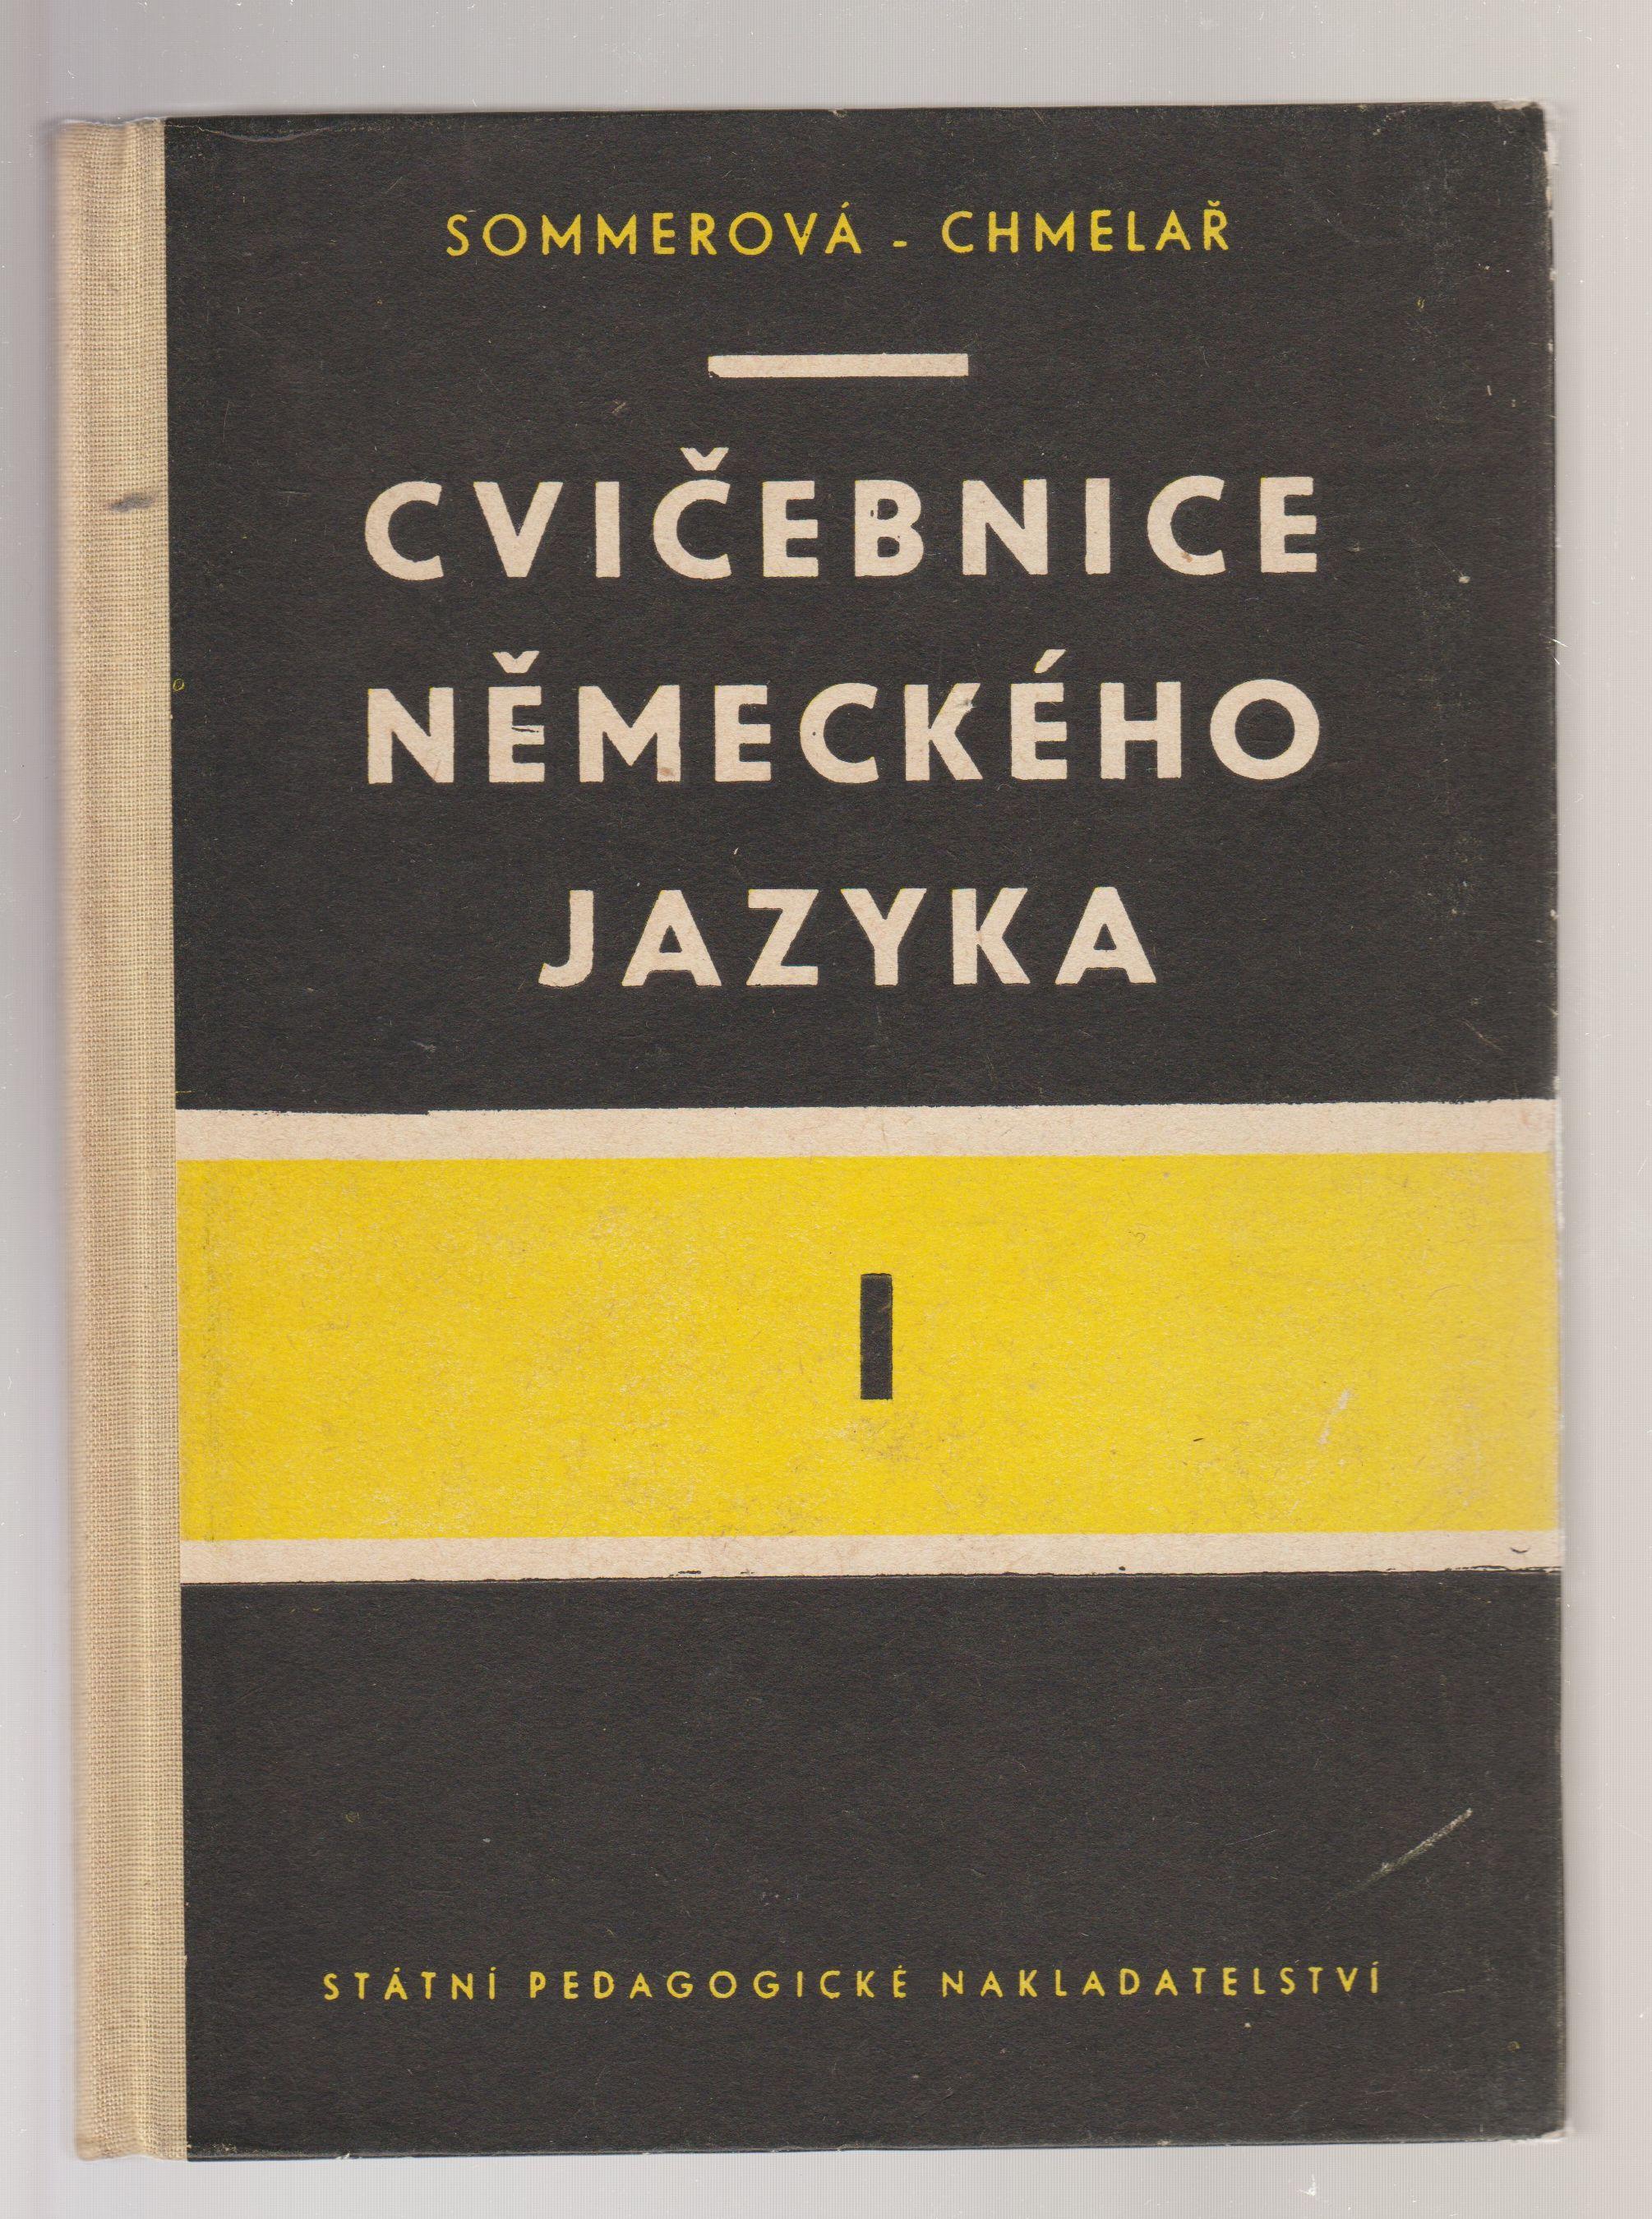 Cvičebnice německého jazyka I - Jana Sommerová, František Chmelař